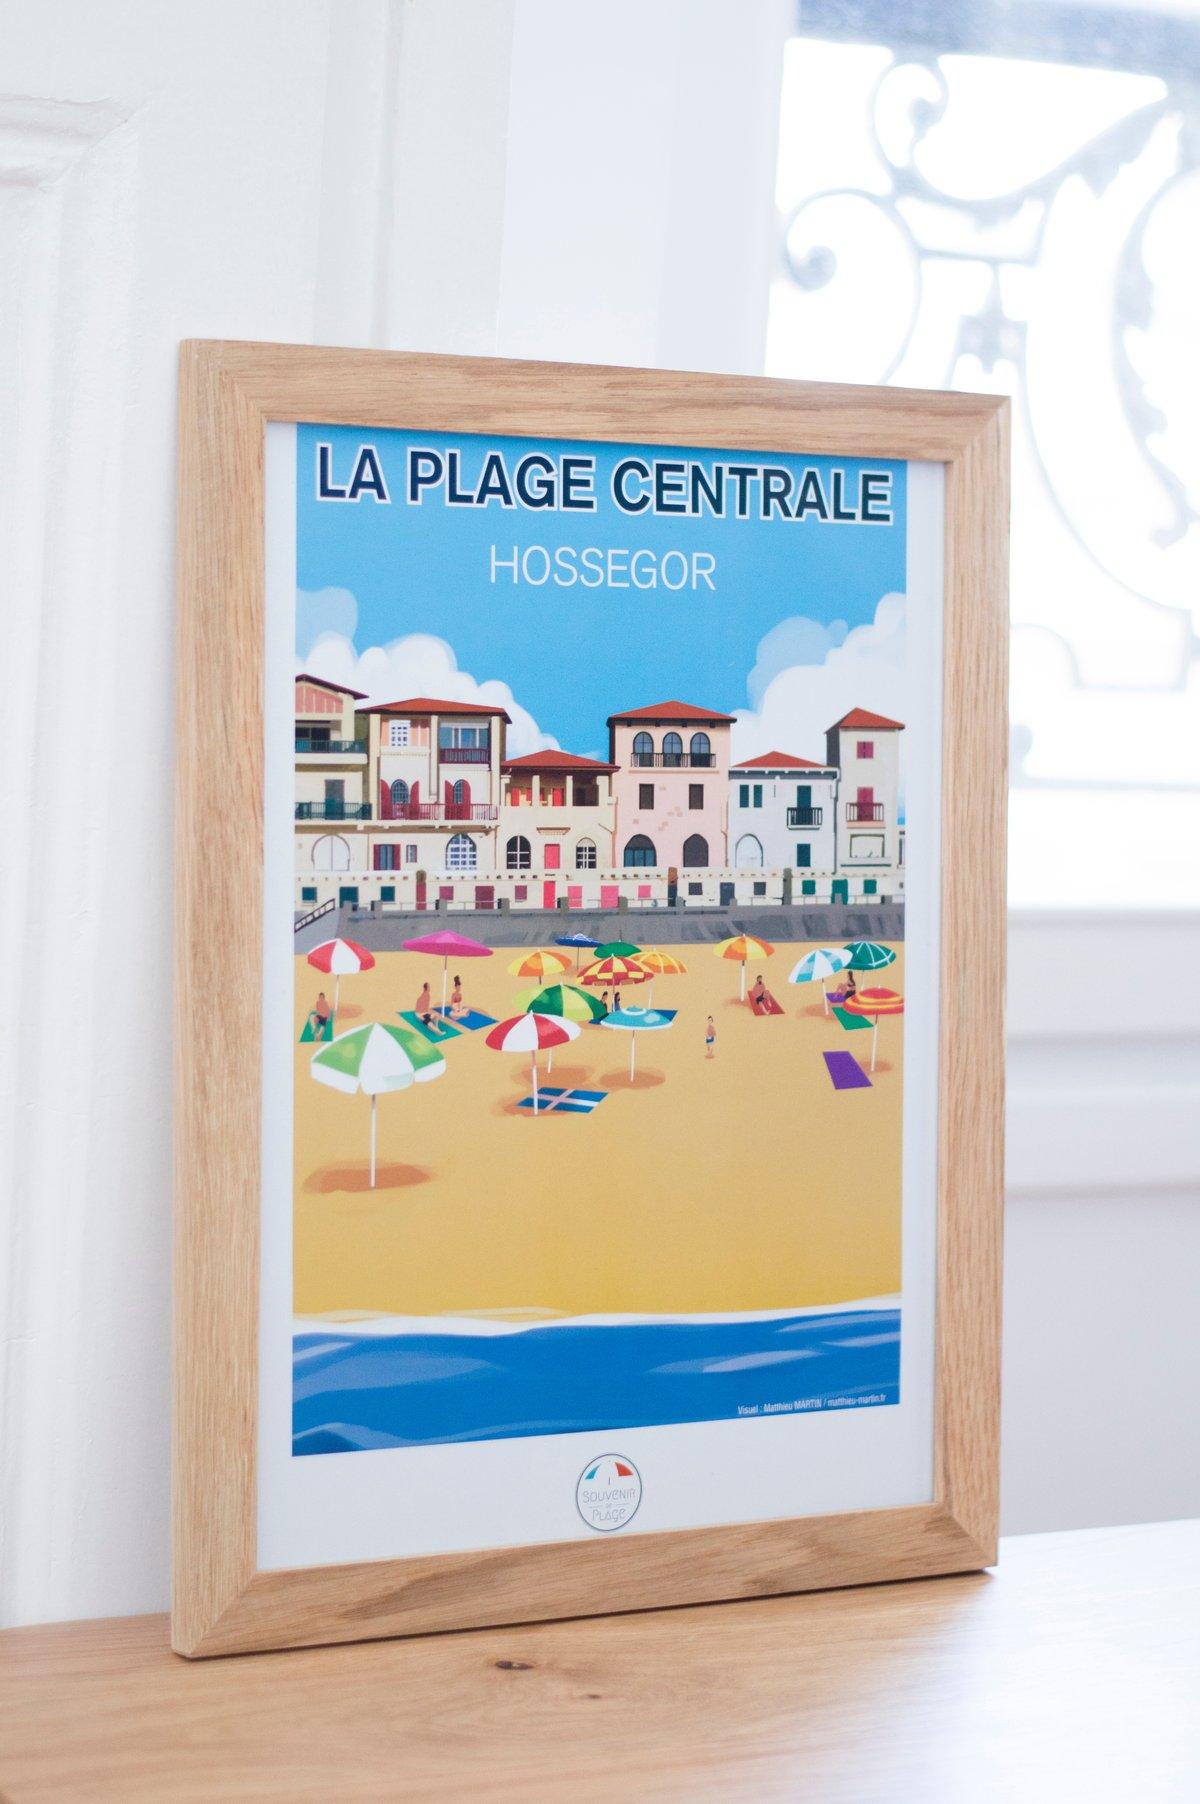 Image of La Plage Centrale - Hossegor - Poster